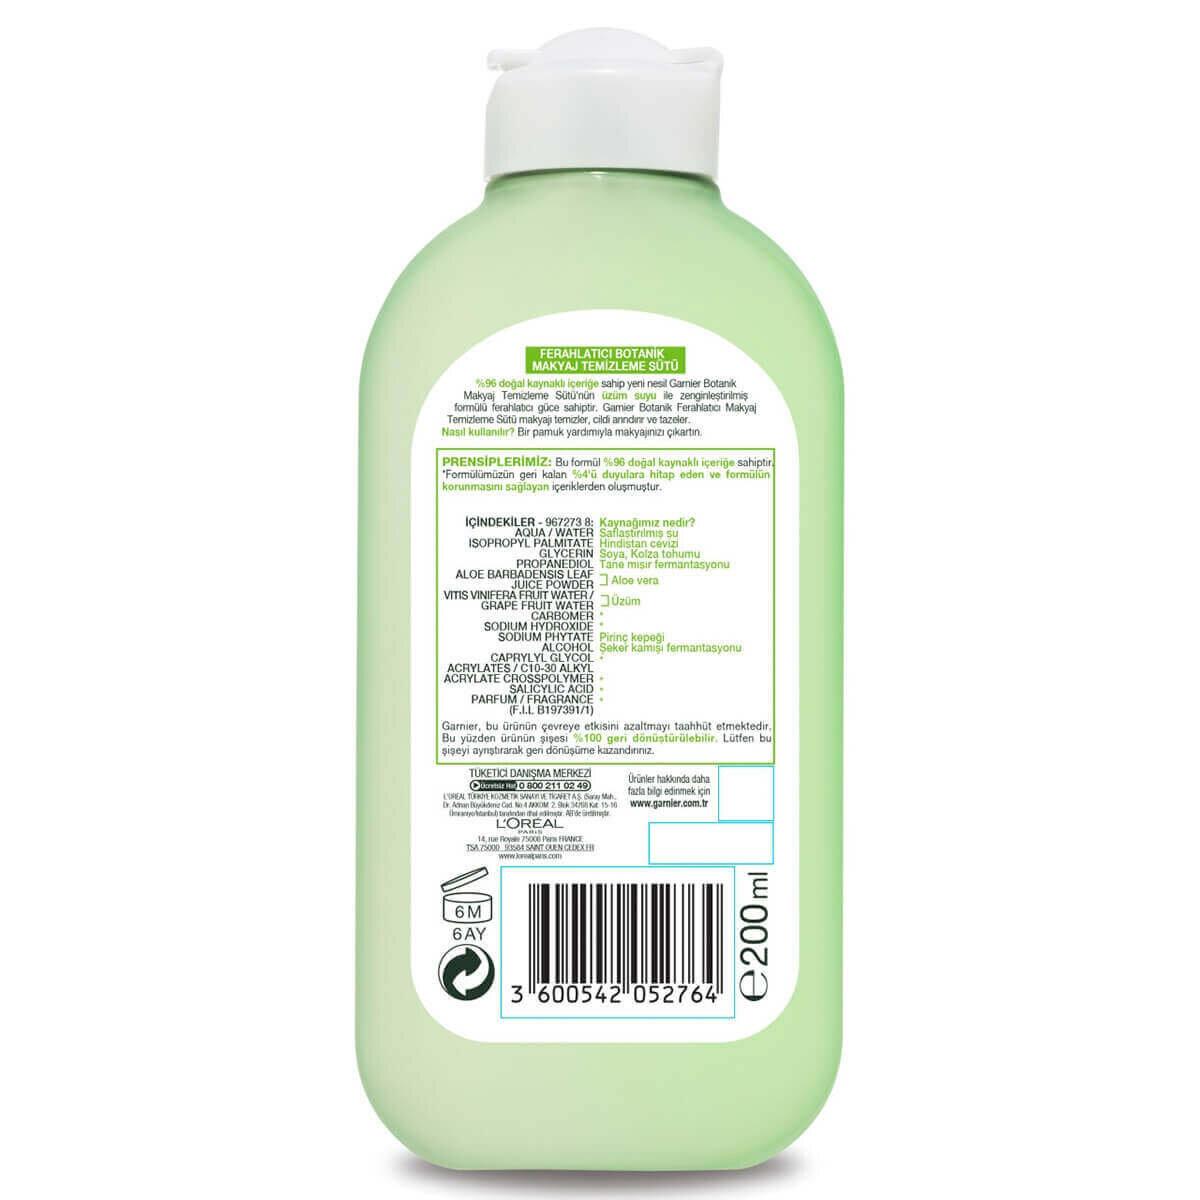 Botanik Ferahlatıcı Üzüm Temizleme Sütü 200ml